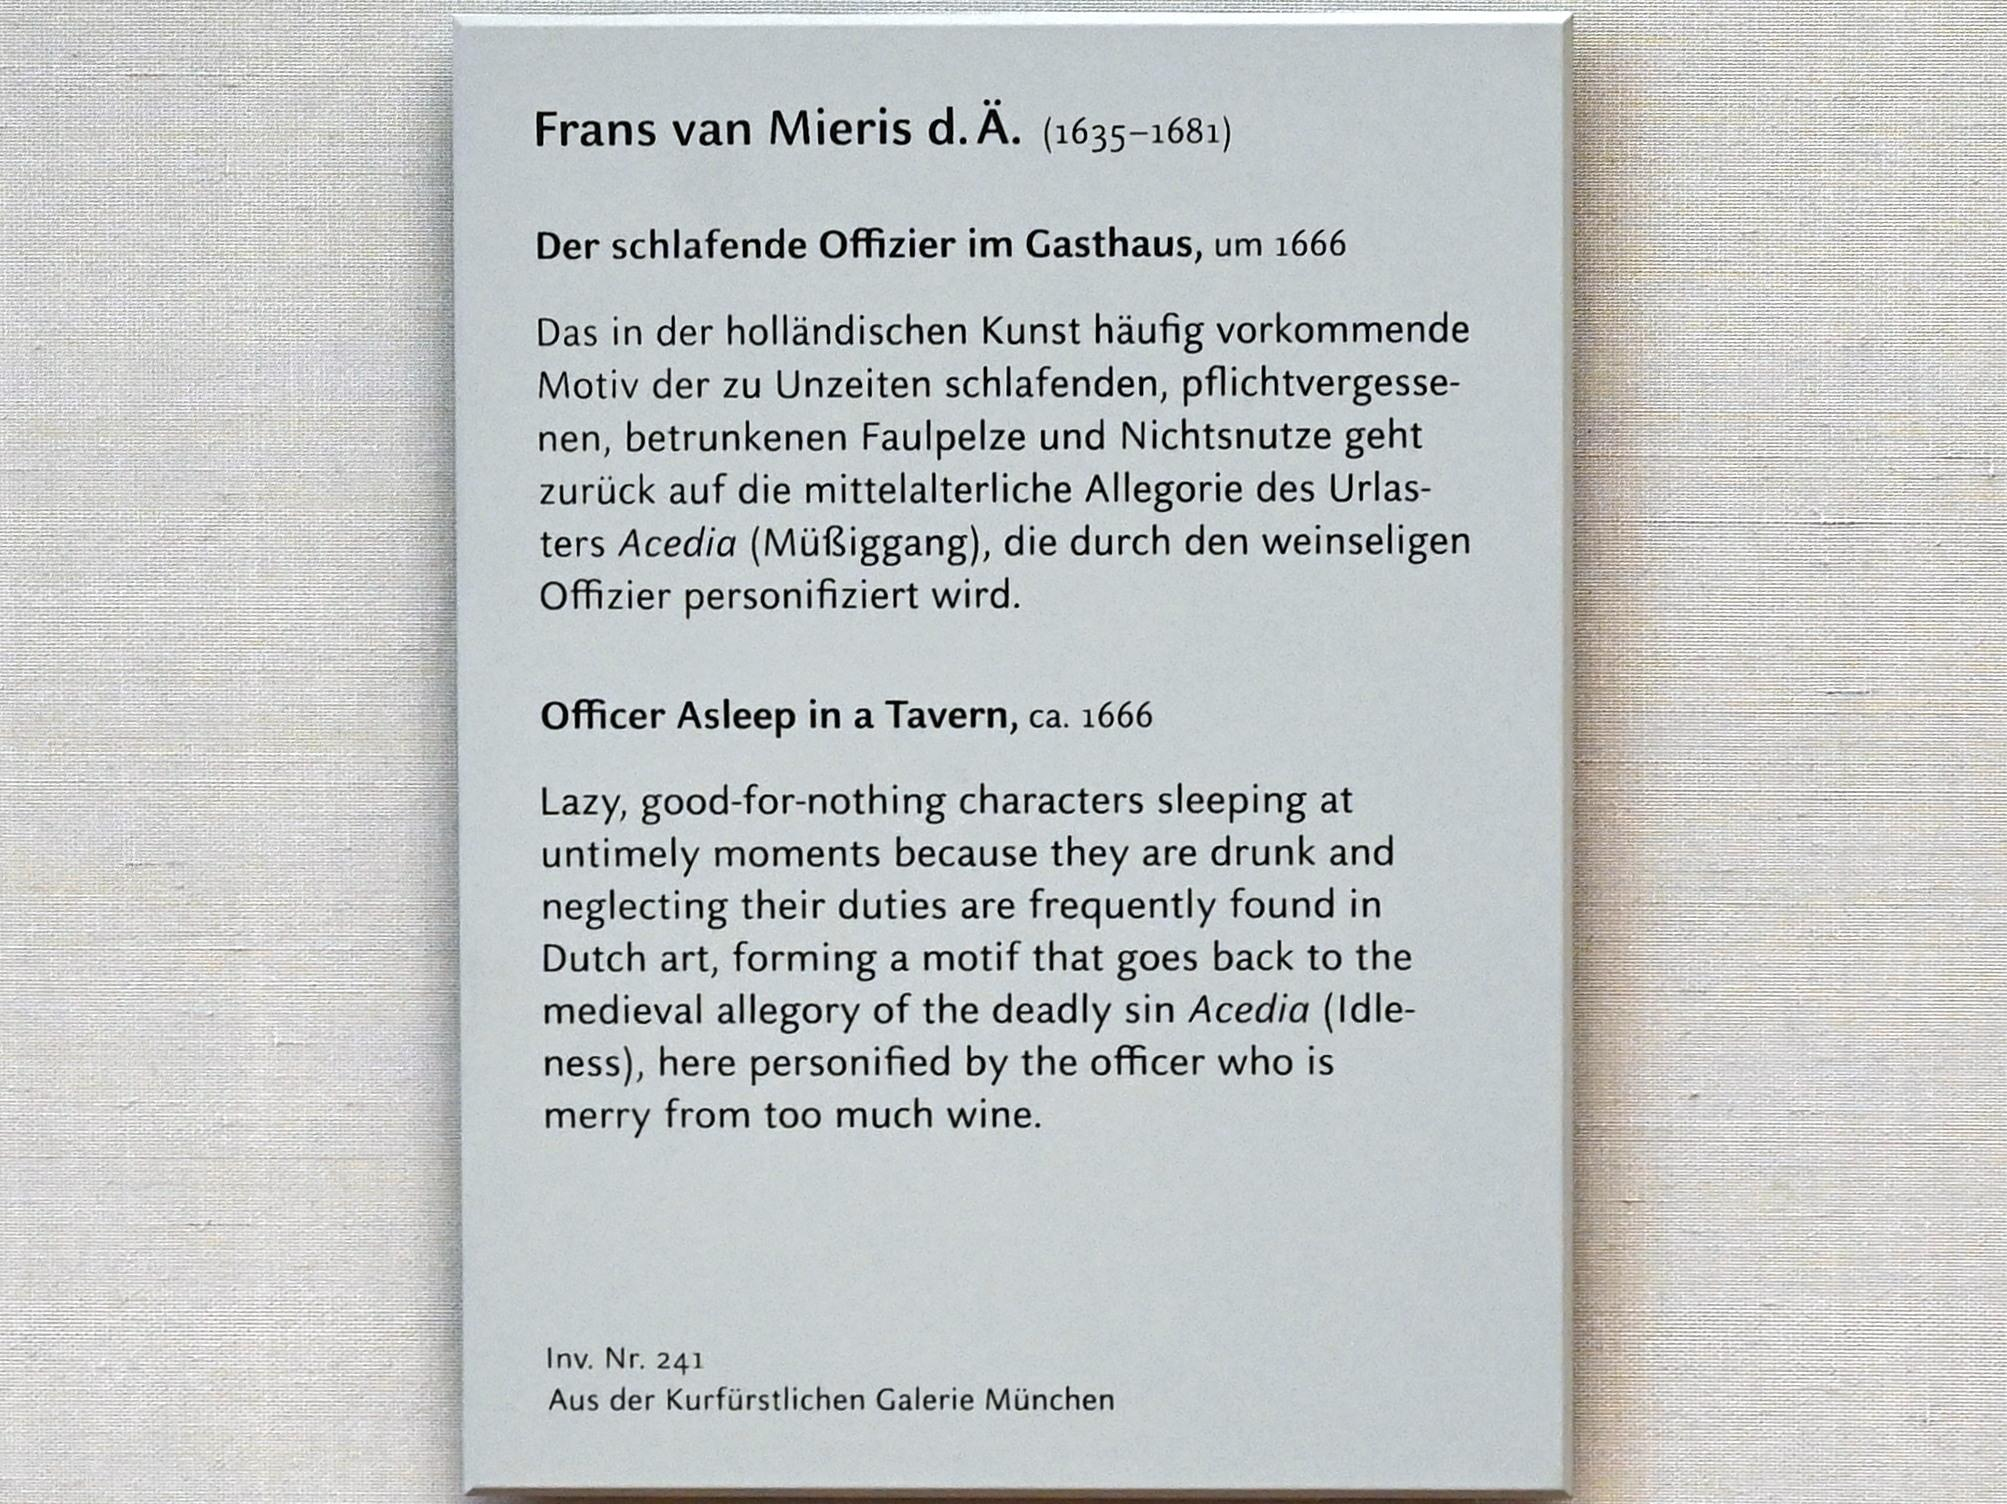 Frans van Mieris der Ältere: Der schlafende Offizier im Gasthaus, um 1666, Bild 2/2